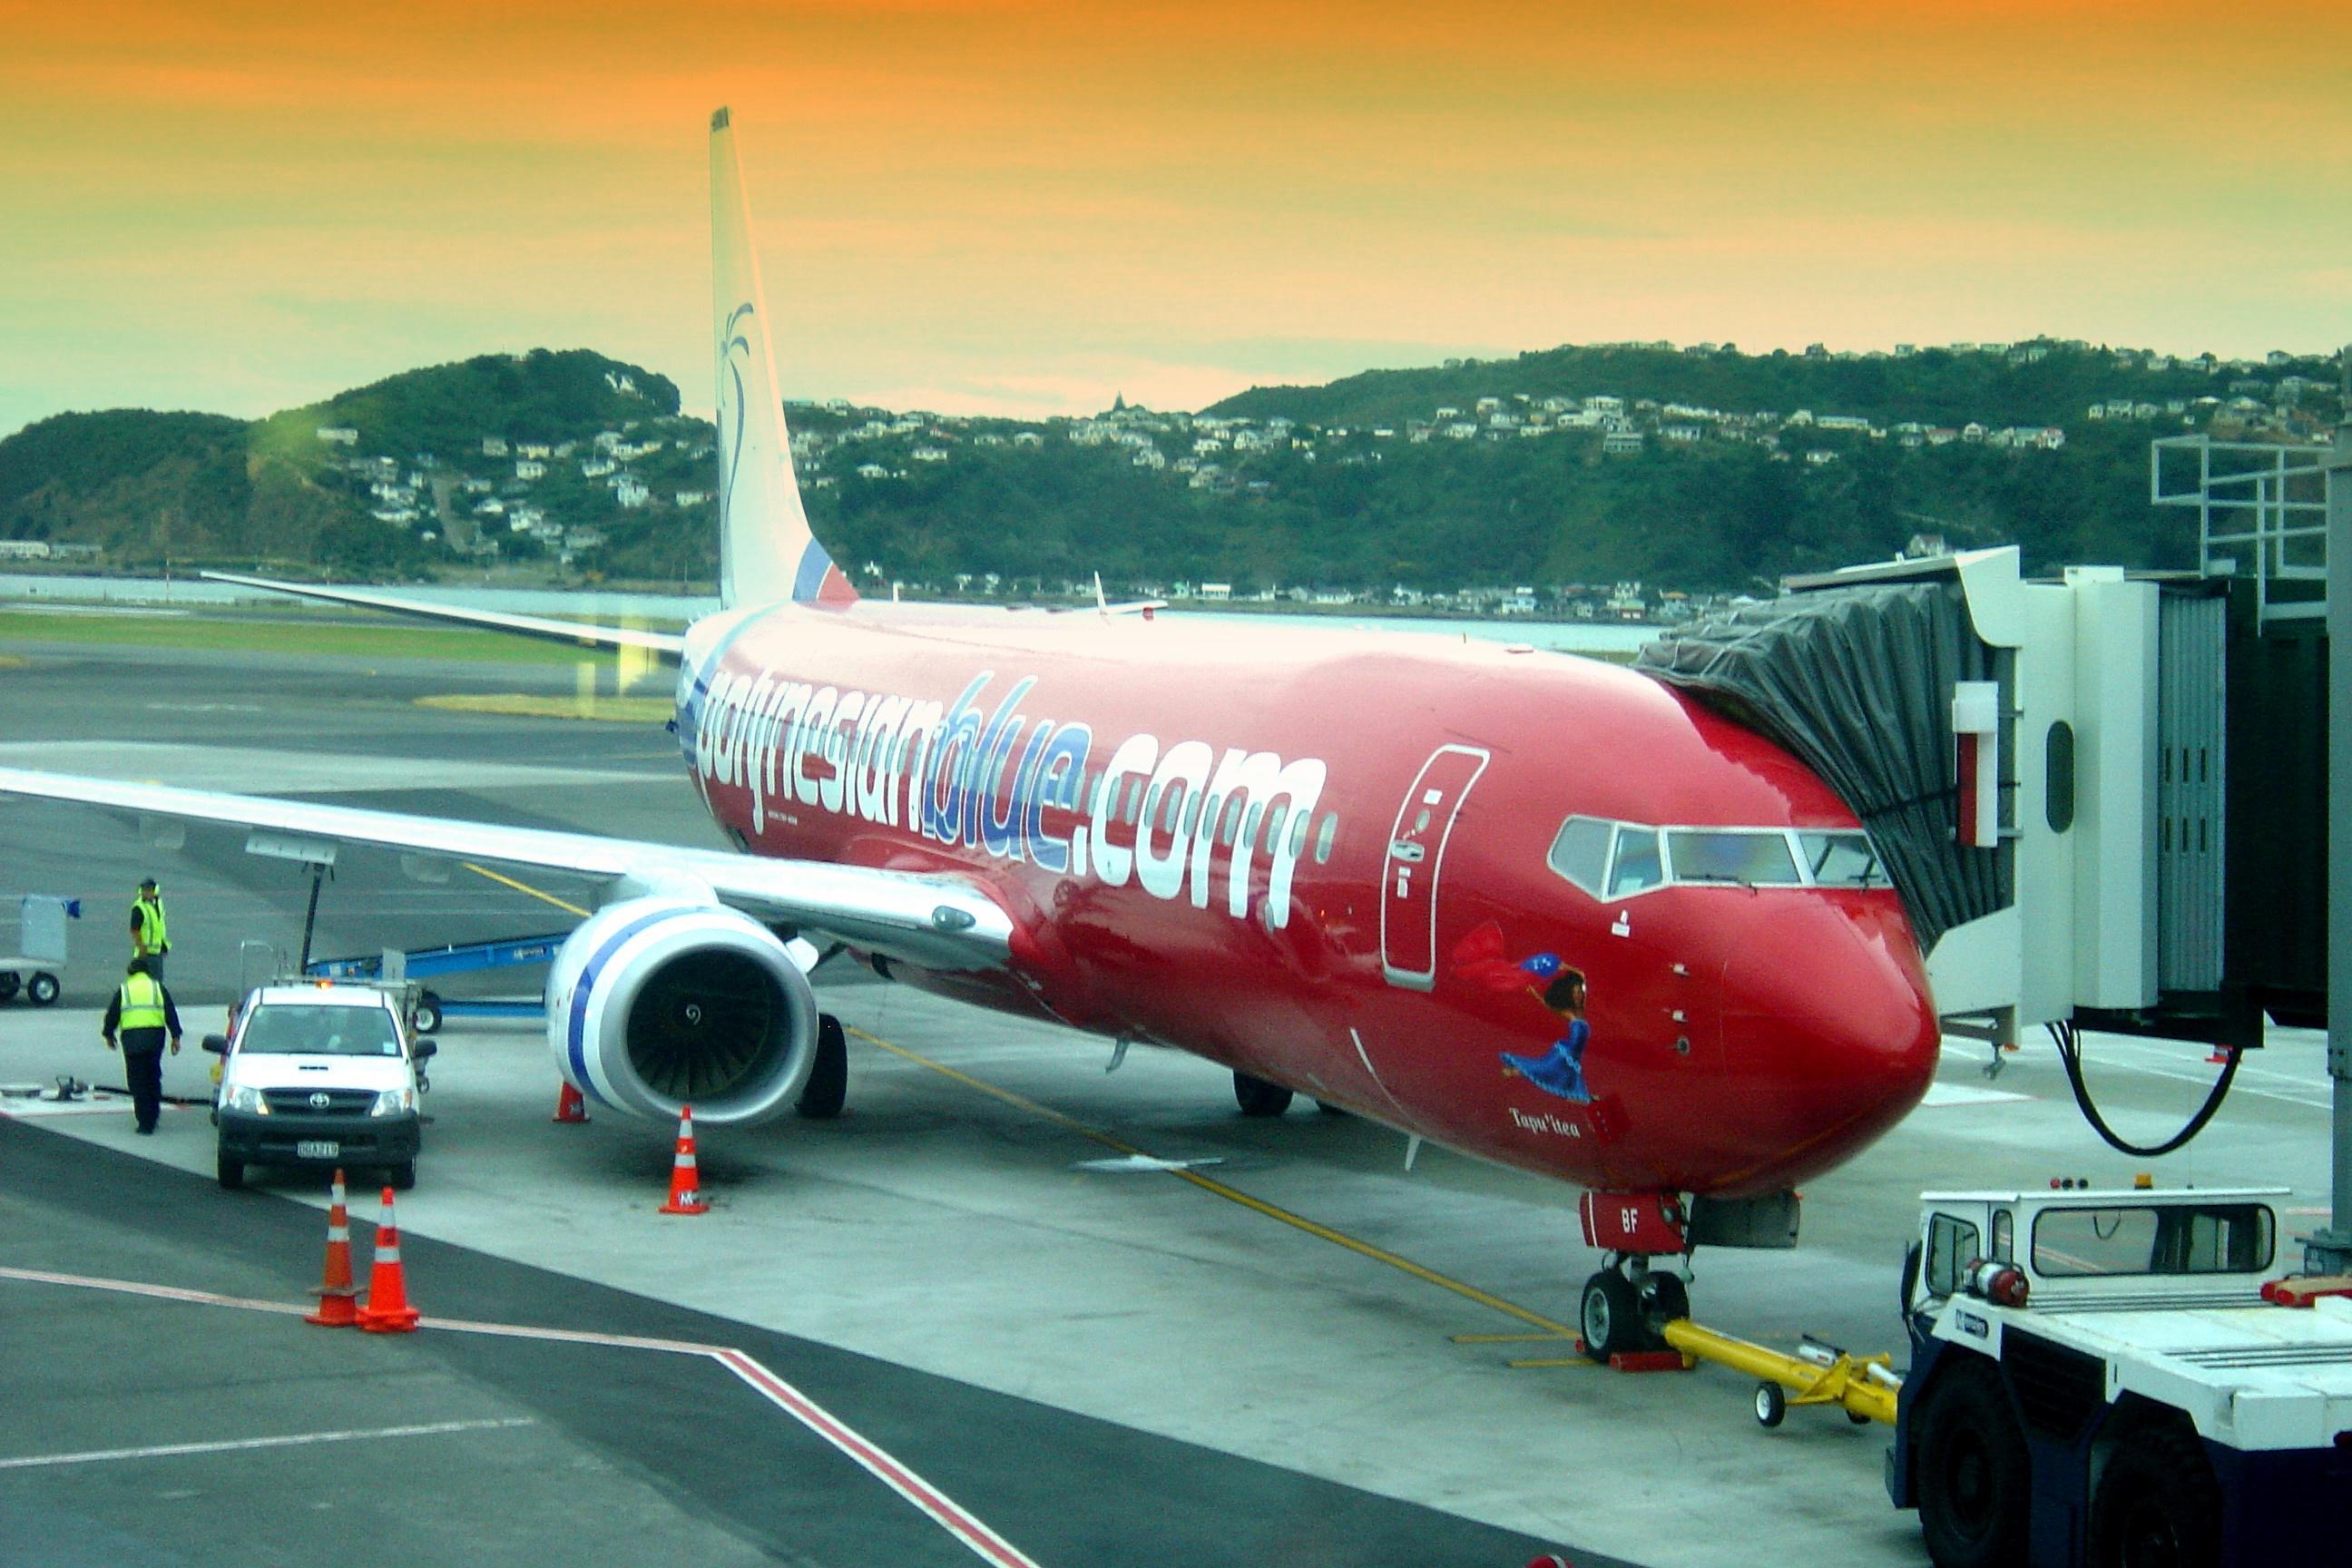 """Fotografía: Si bien es cierto que por un lado aficionados pilotando solos, navegación a ojo y motores a pistón pueden bajar la seguridad aérea a niveles comparables al de las motocicletas, la realidad es que profesionales pilotando en equipo, navegación instrumental sofisticada y motores a turbina hacen que las aerolíneas tengan mayor tasa de seguridad por kilómetro recorrido que cualquier otro medio de transporte. En la foto, un Boeing 737-800 (ZK-PBF, """"Tepu'itea"""") de la Polynesian Blue en el Aeropuerto Internacional de Wellington, Wellington, Nueva Zelanda, el 2 de marzo de 2008. Crédito: Follash, vía Wikimedia Commons."""